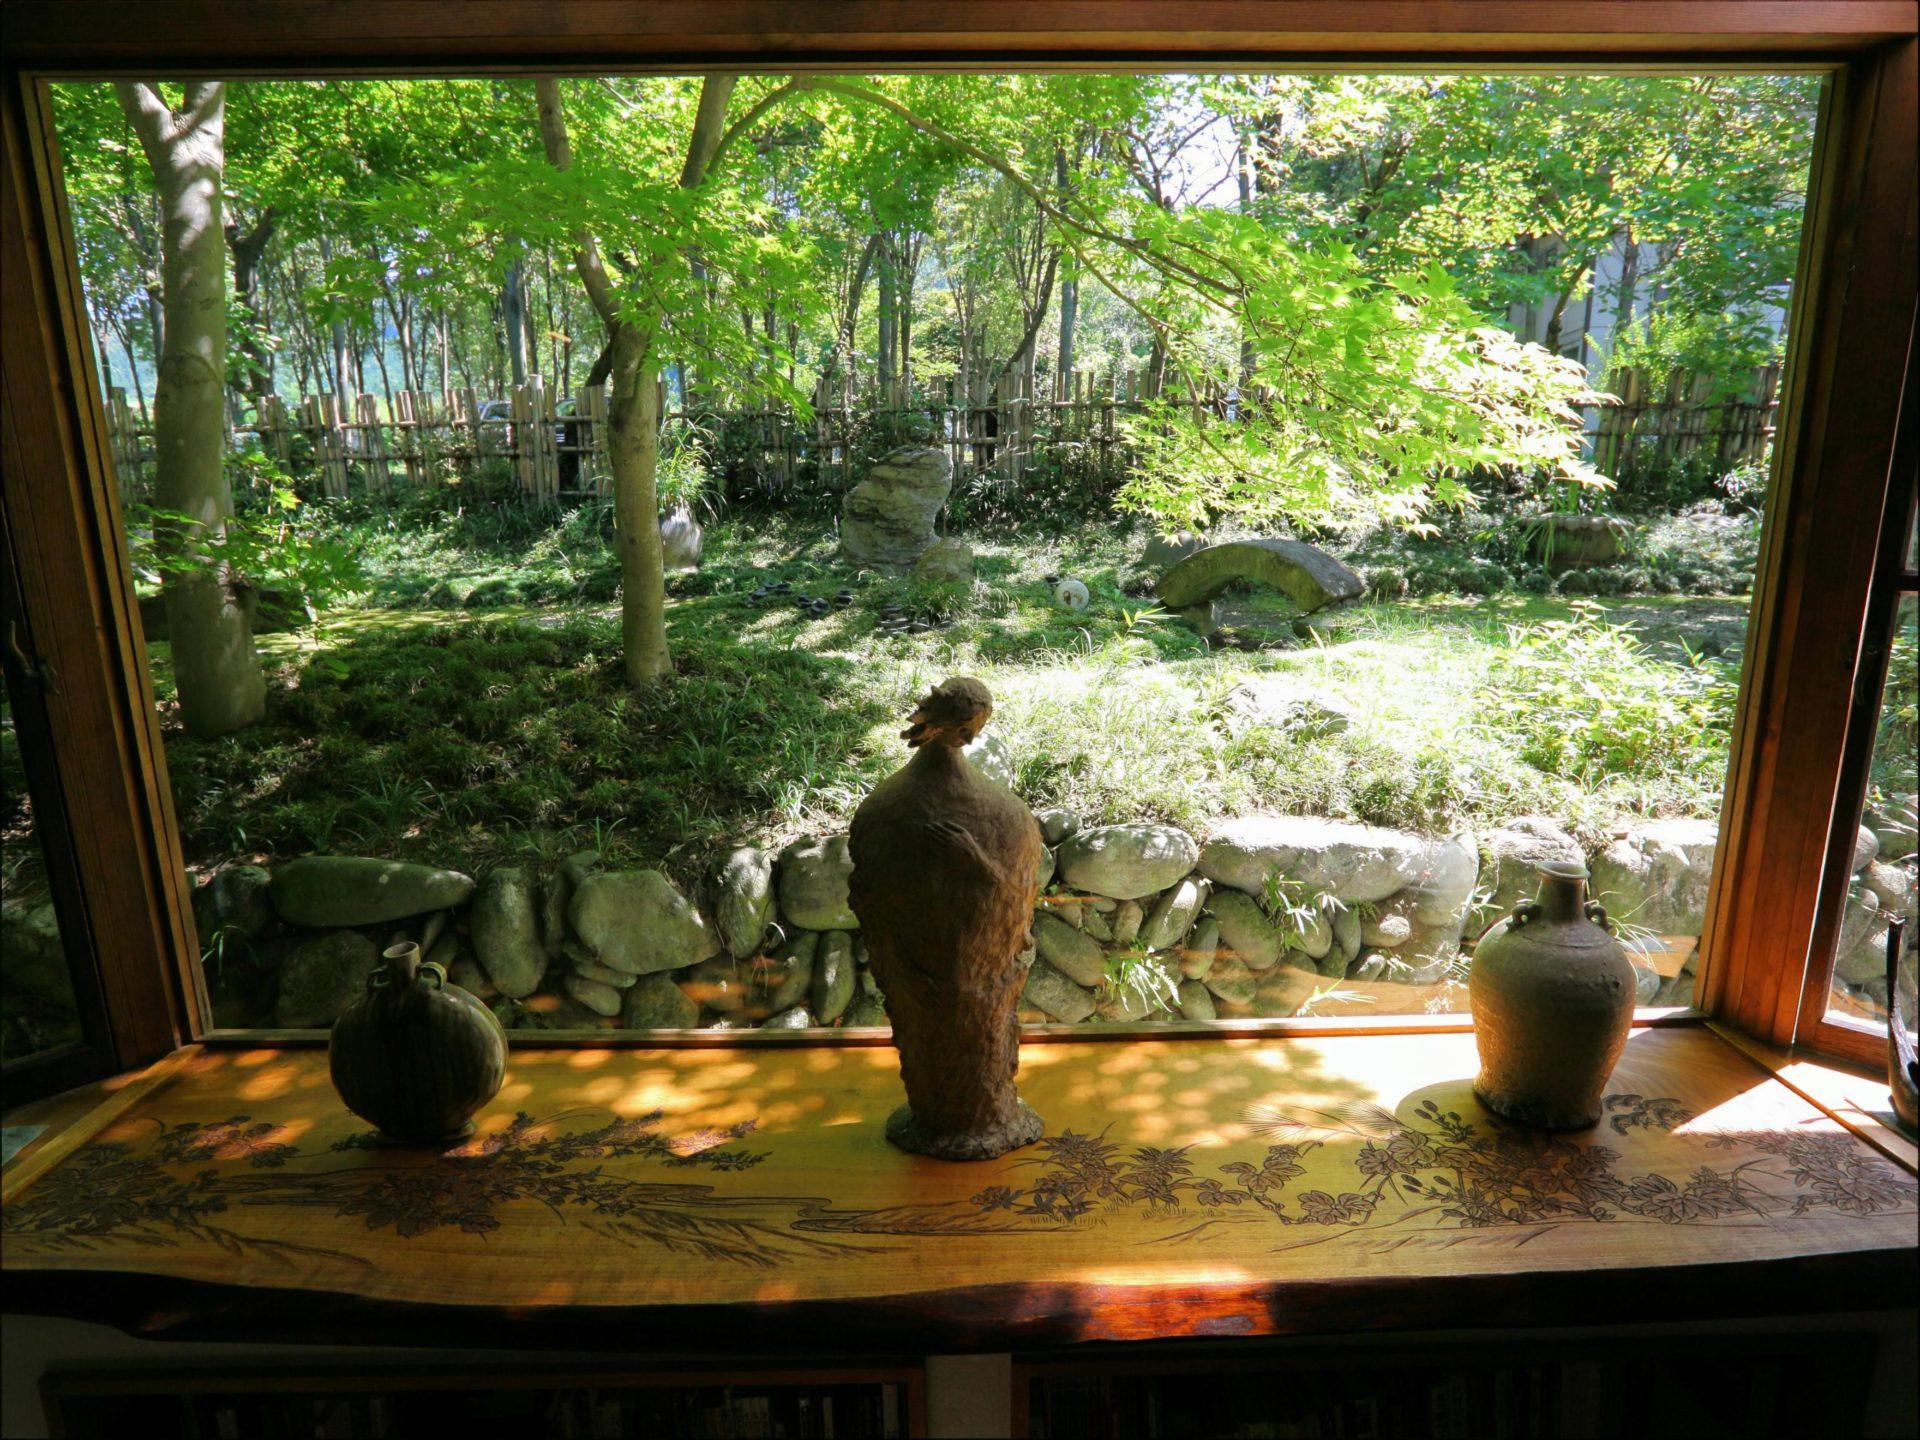 長瀞のホテルセラヴィ フロントからの景色